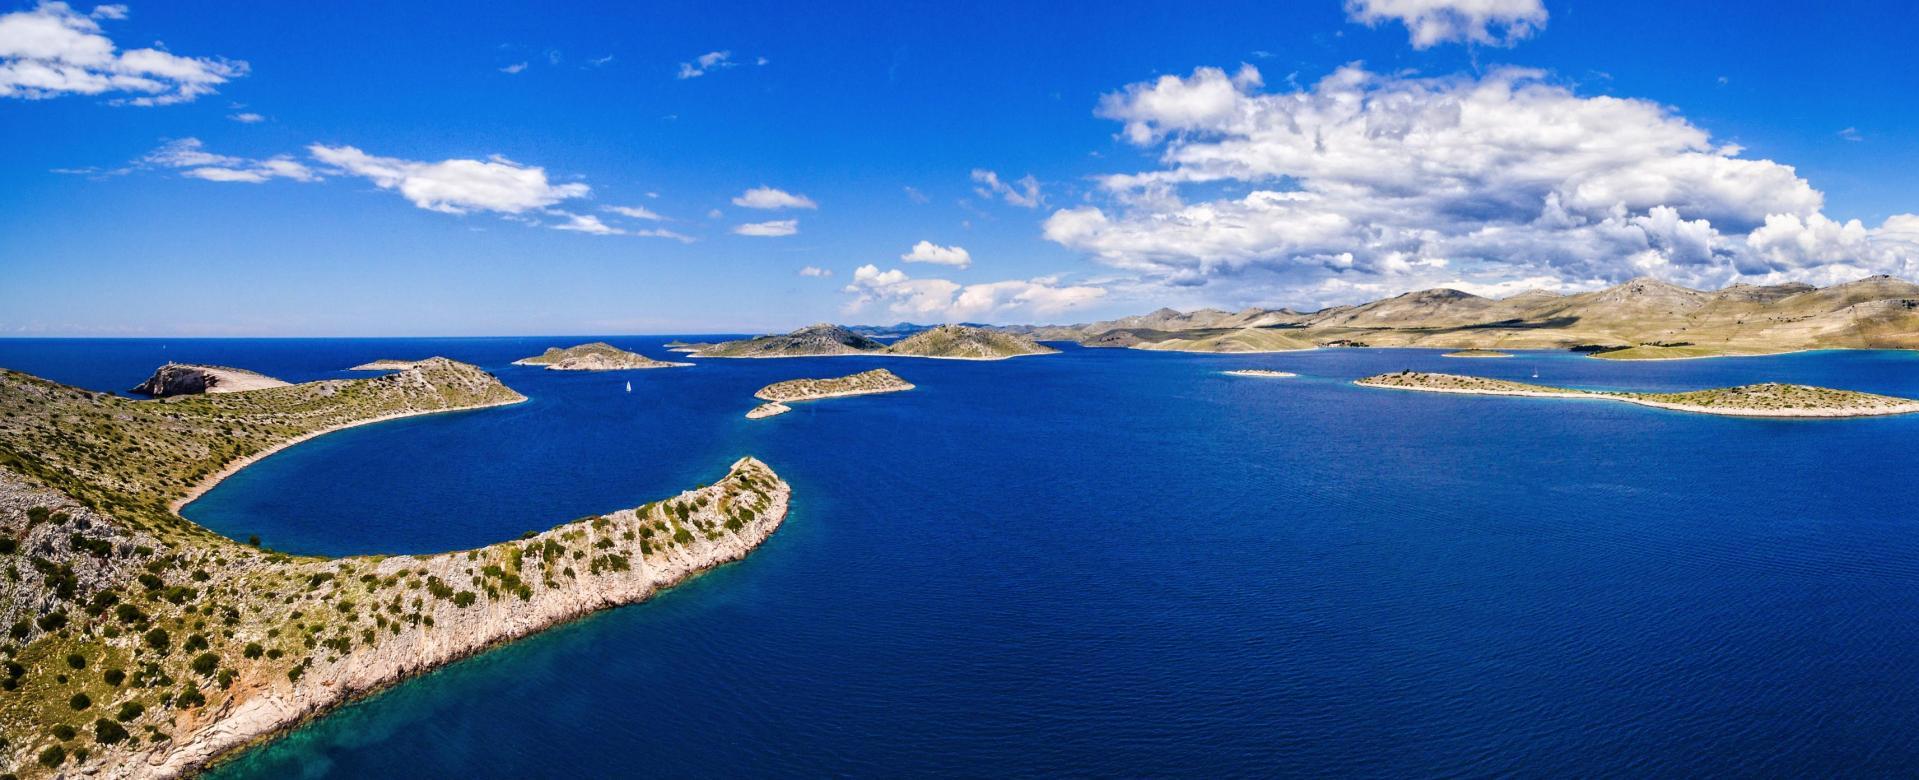 Voyage à pied Croatie : Des îles dalmates au monténégro